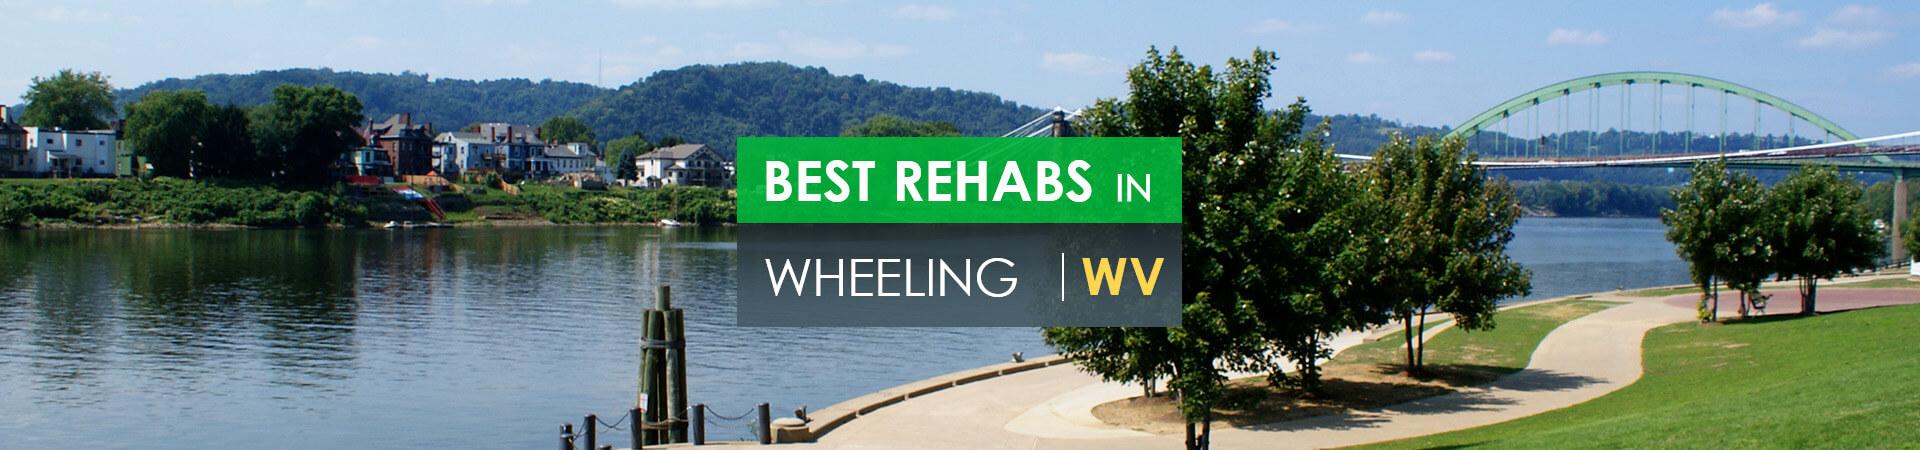 Best rehabs in Wheeling, WV